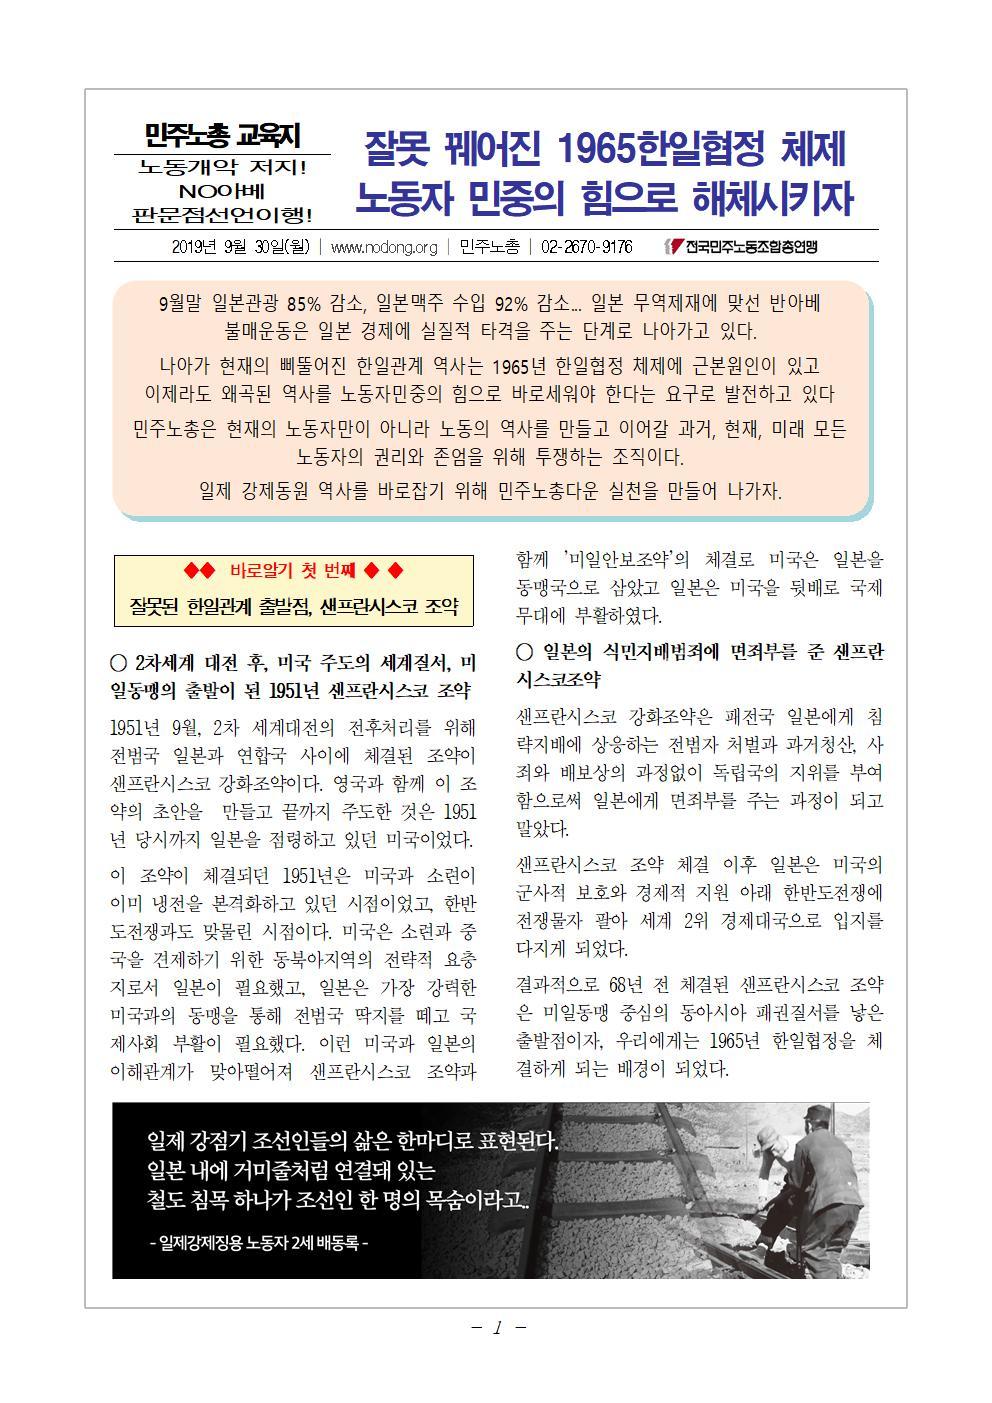 191001교육지-일제강제동원 사죄배상001.jpg